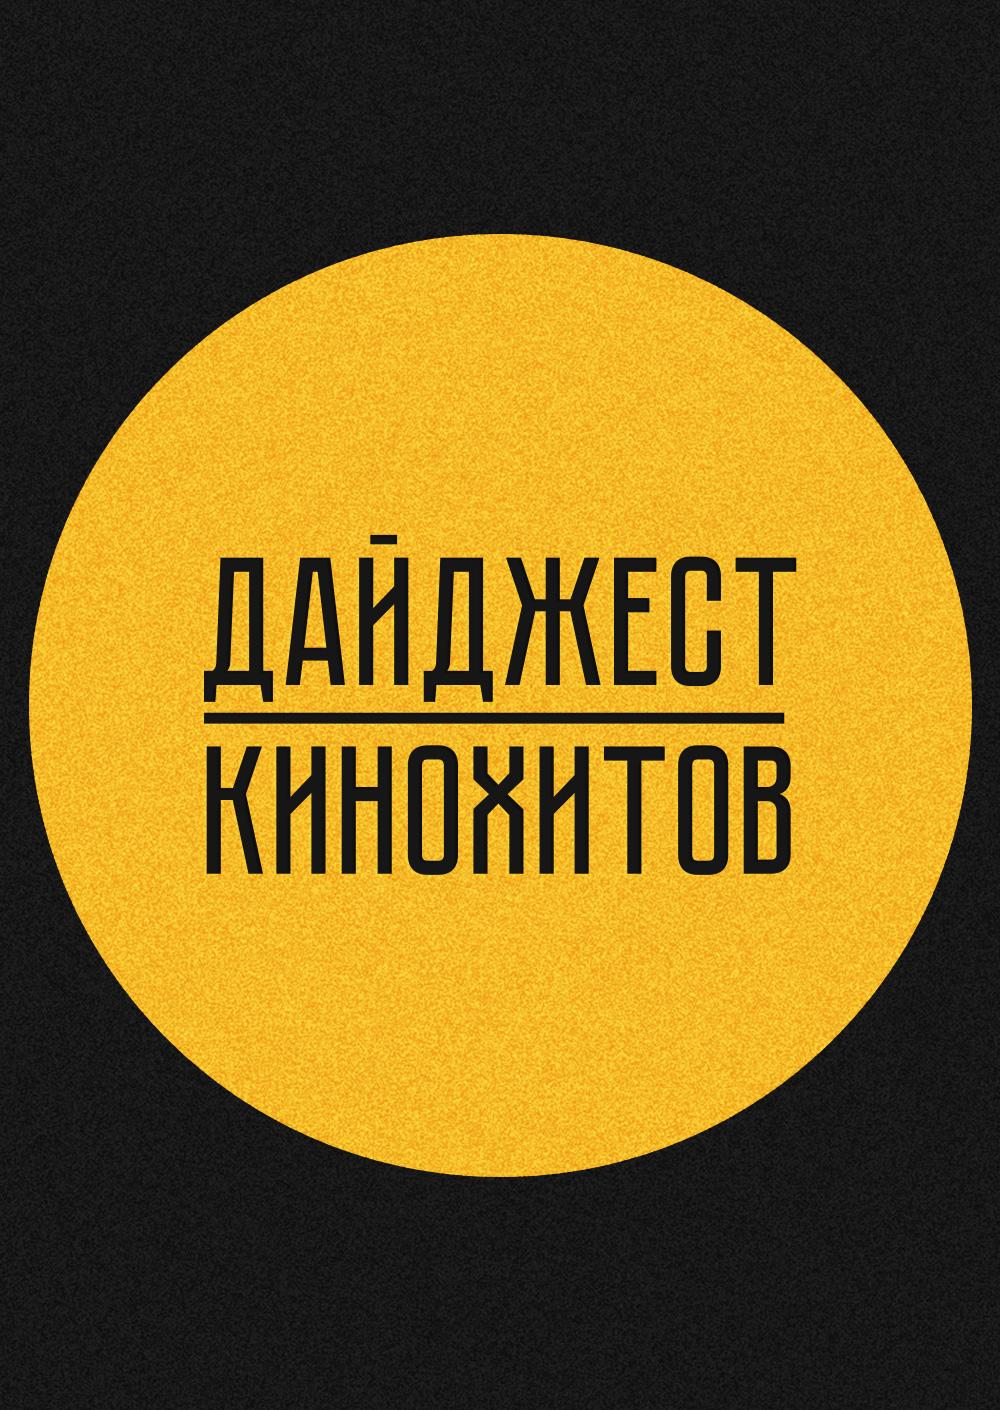 Дайджест кинохитов - 21.10.2015